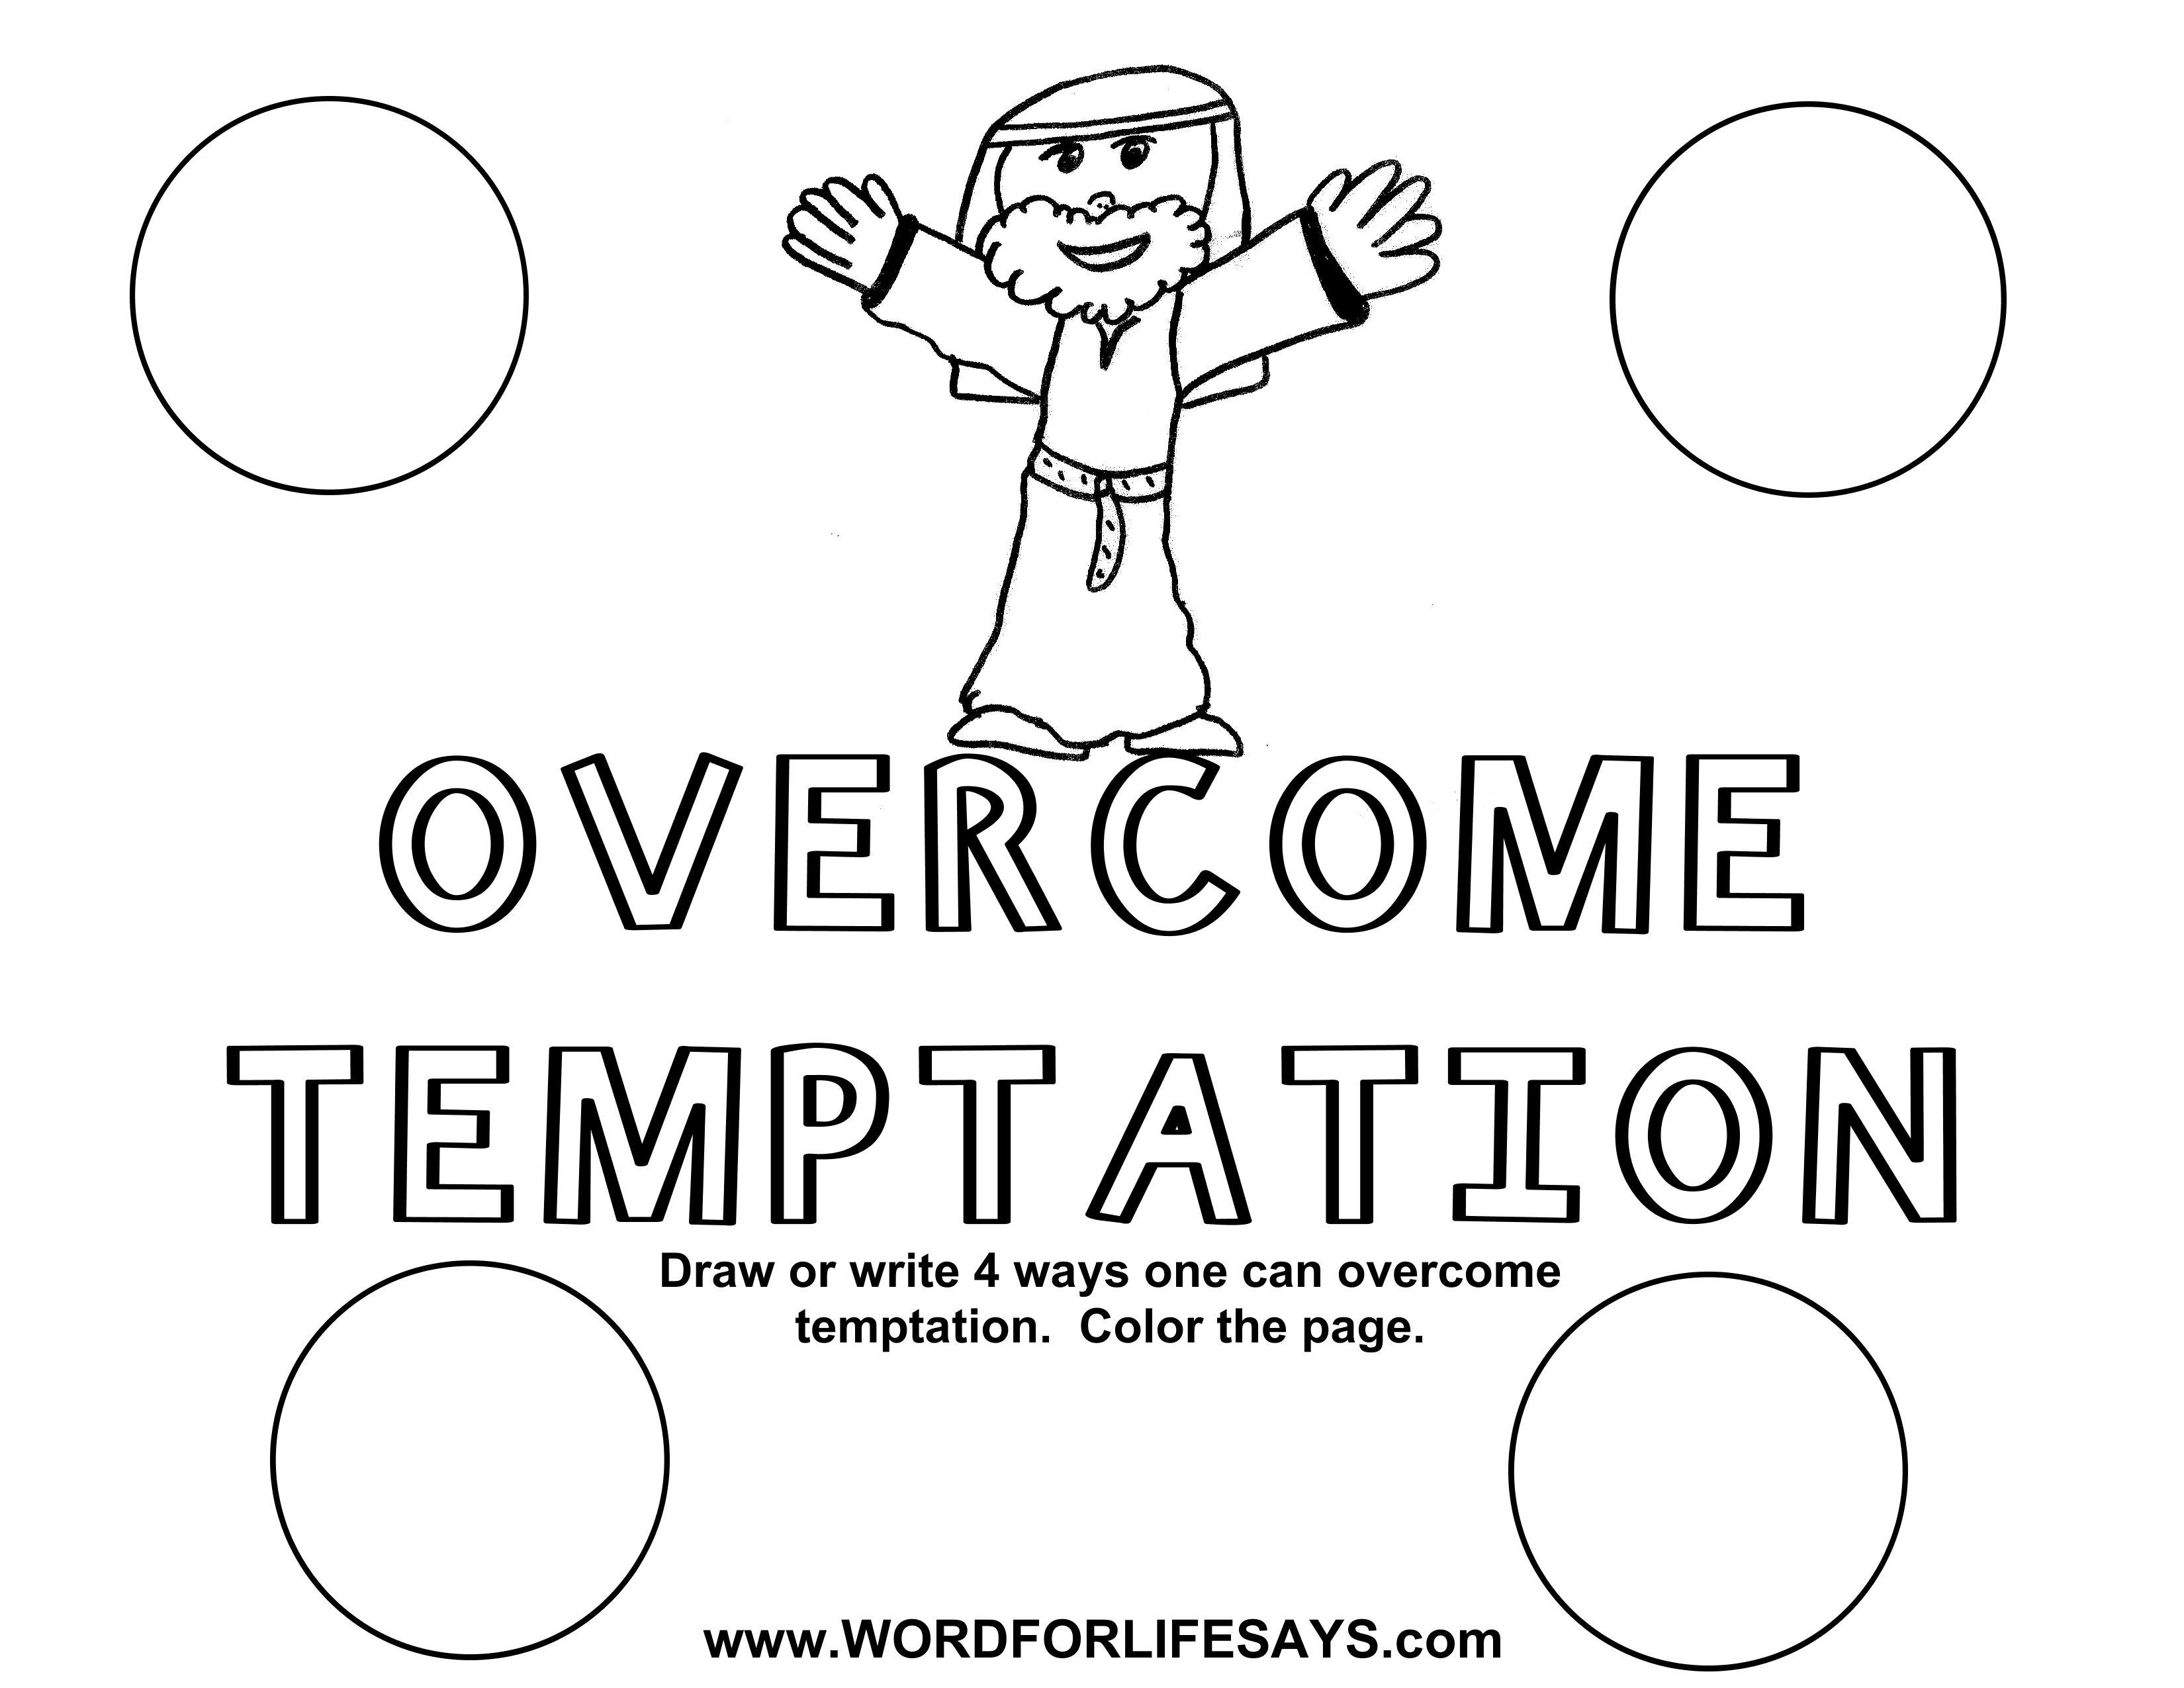 Overcome Temptation Draw The Scene 001